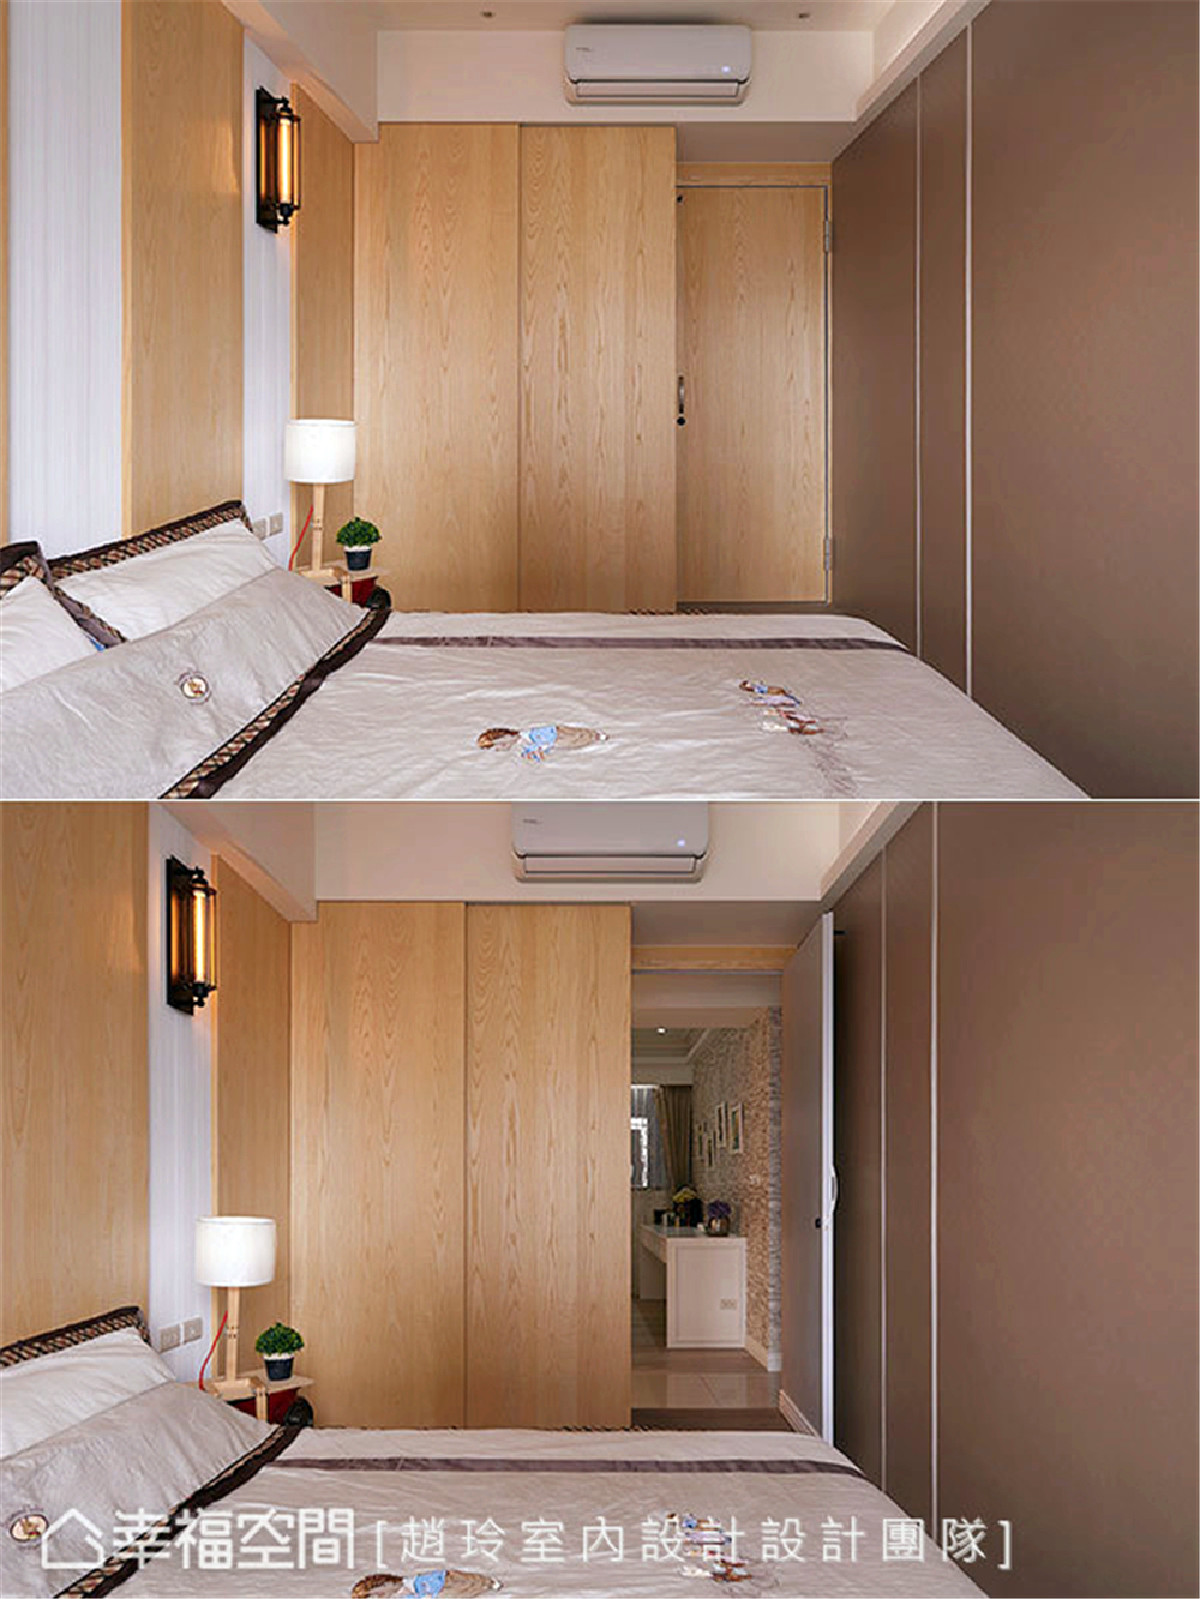 文青气息 壁面以大量木皮包覆,并于床头背墙佐入绷布层次,让青少年喜爱的文青气息弥漫一室。